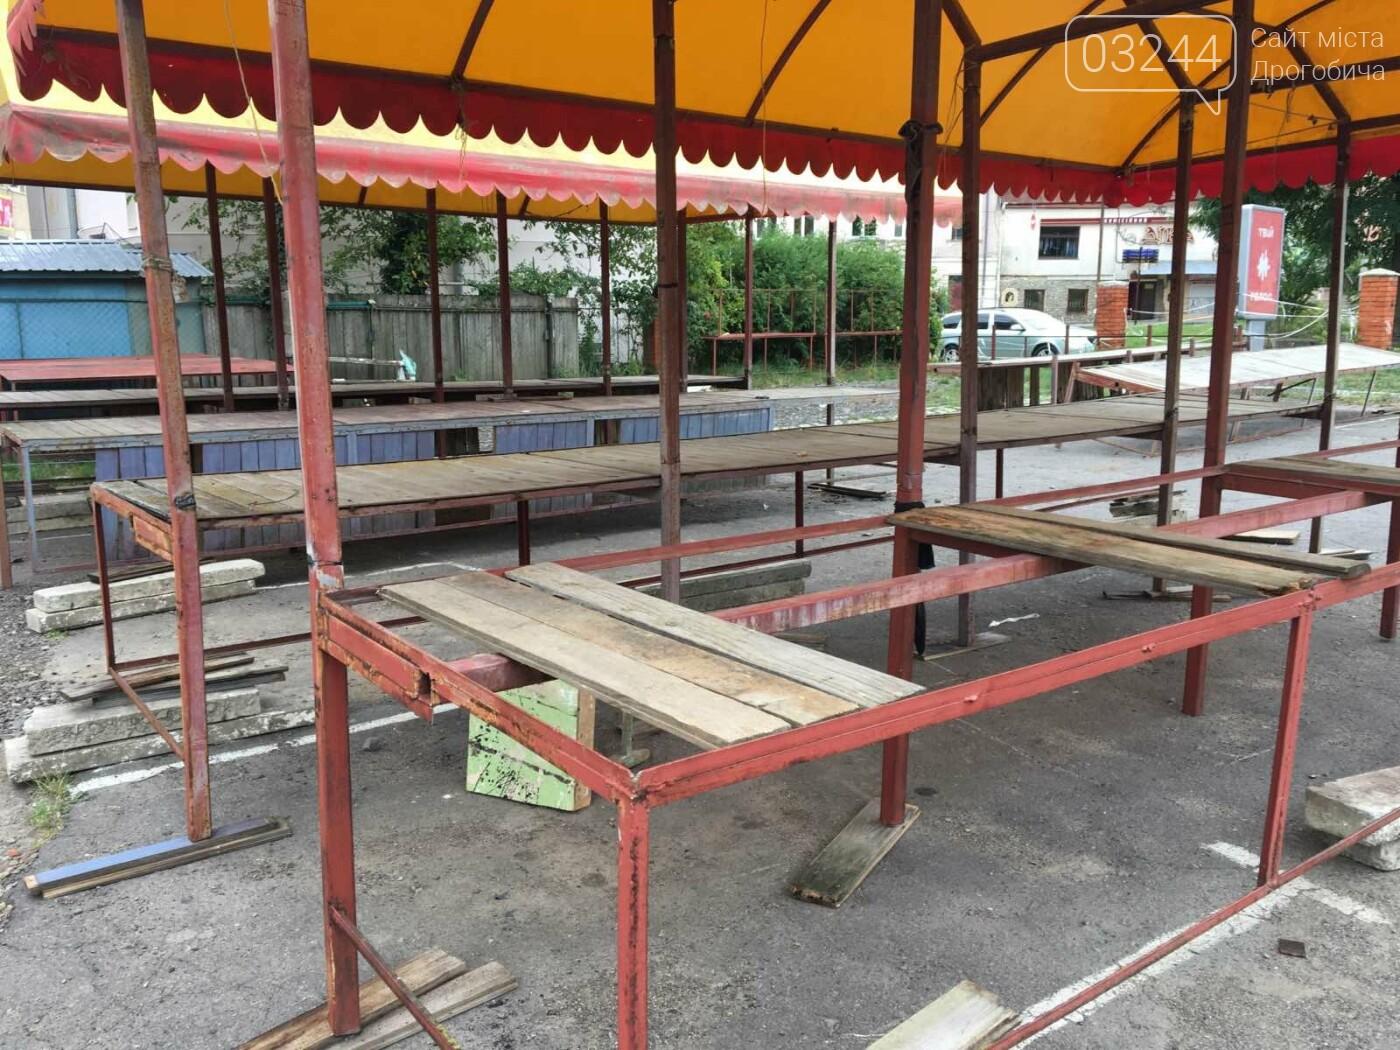 Ні - стихійній торгівлі! У Дрогобичі облаштують новий ринок, куди хочуть перенести торгівлю з під «Прометею», фото-5